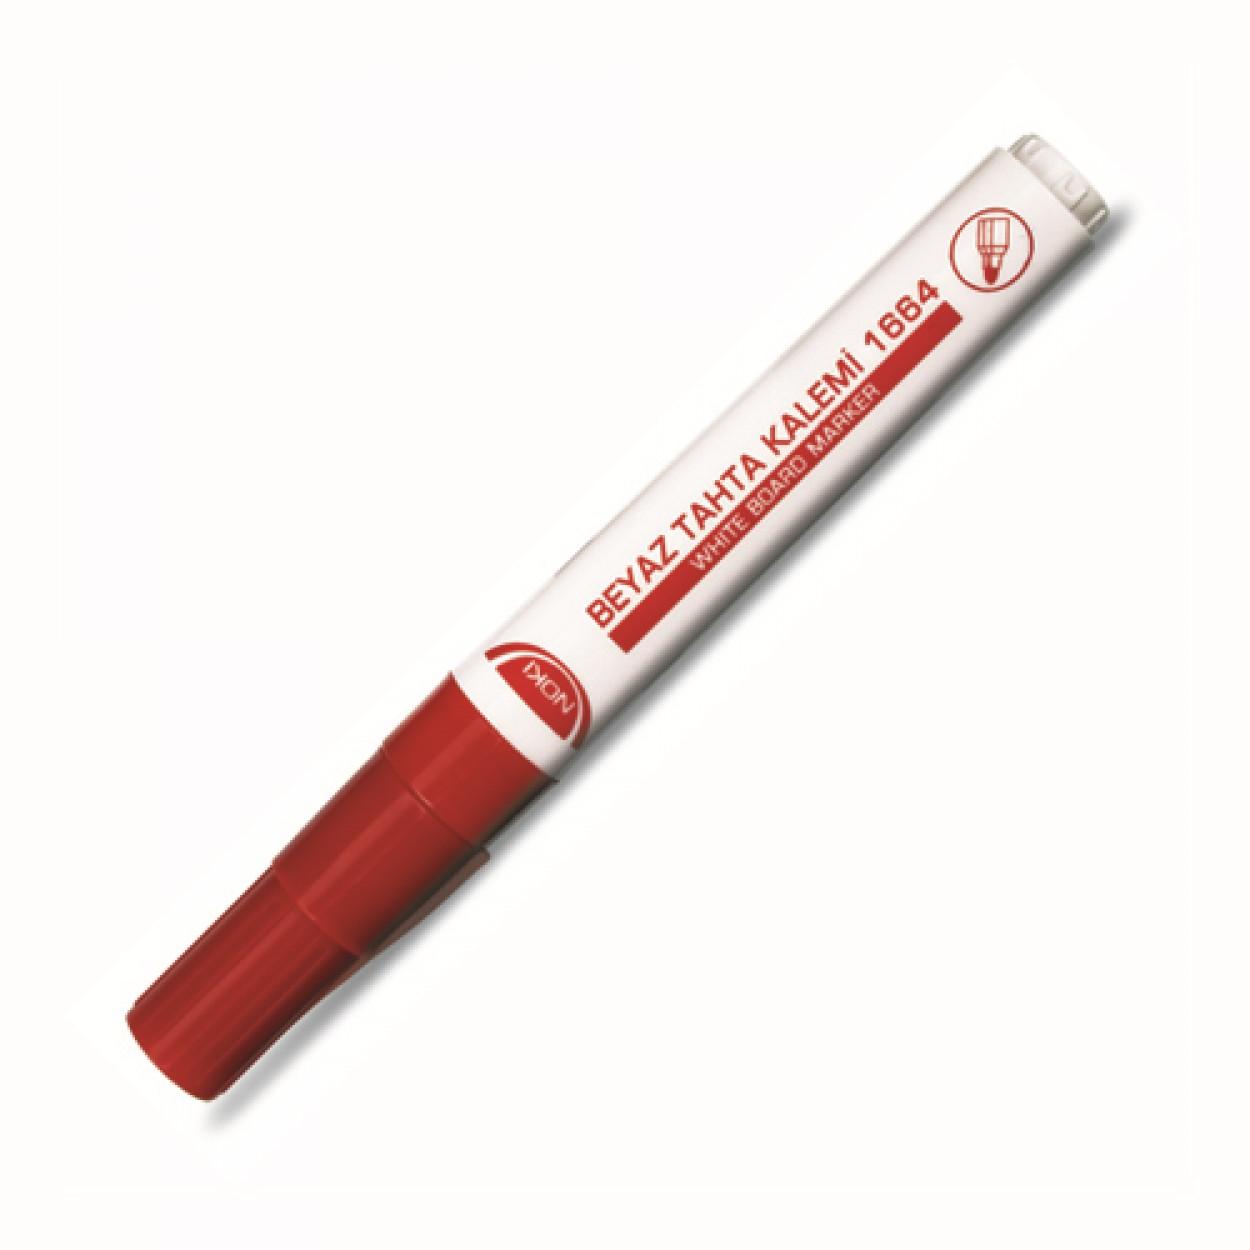 Noki Beyaz Tahta Kalemi Kırmızı